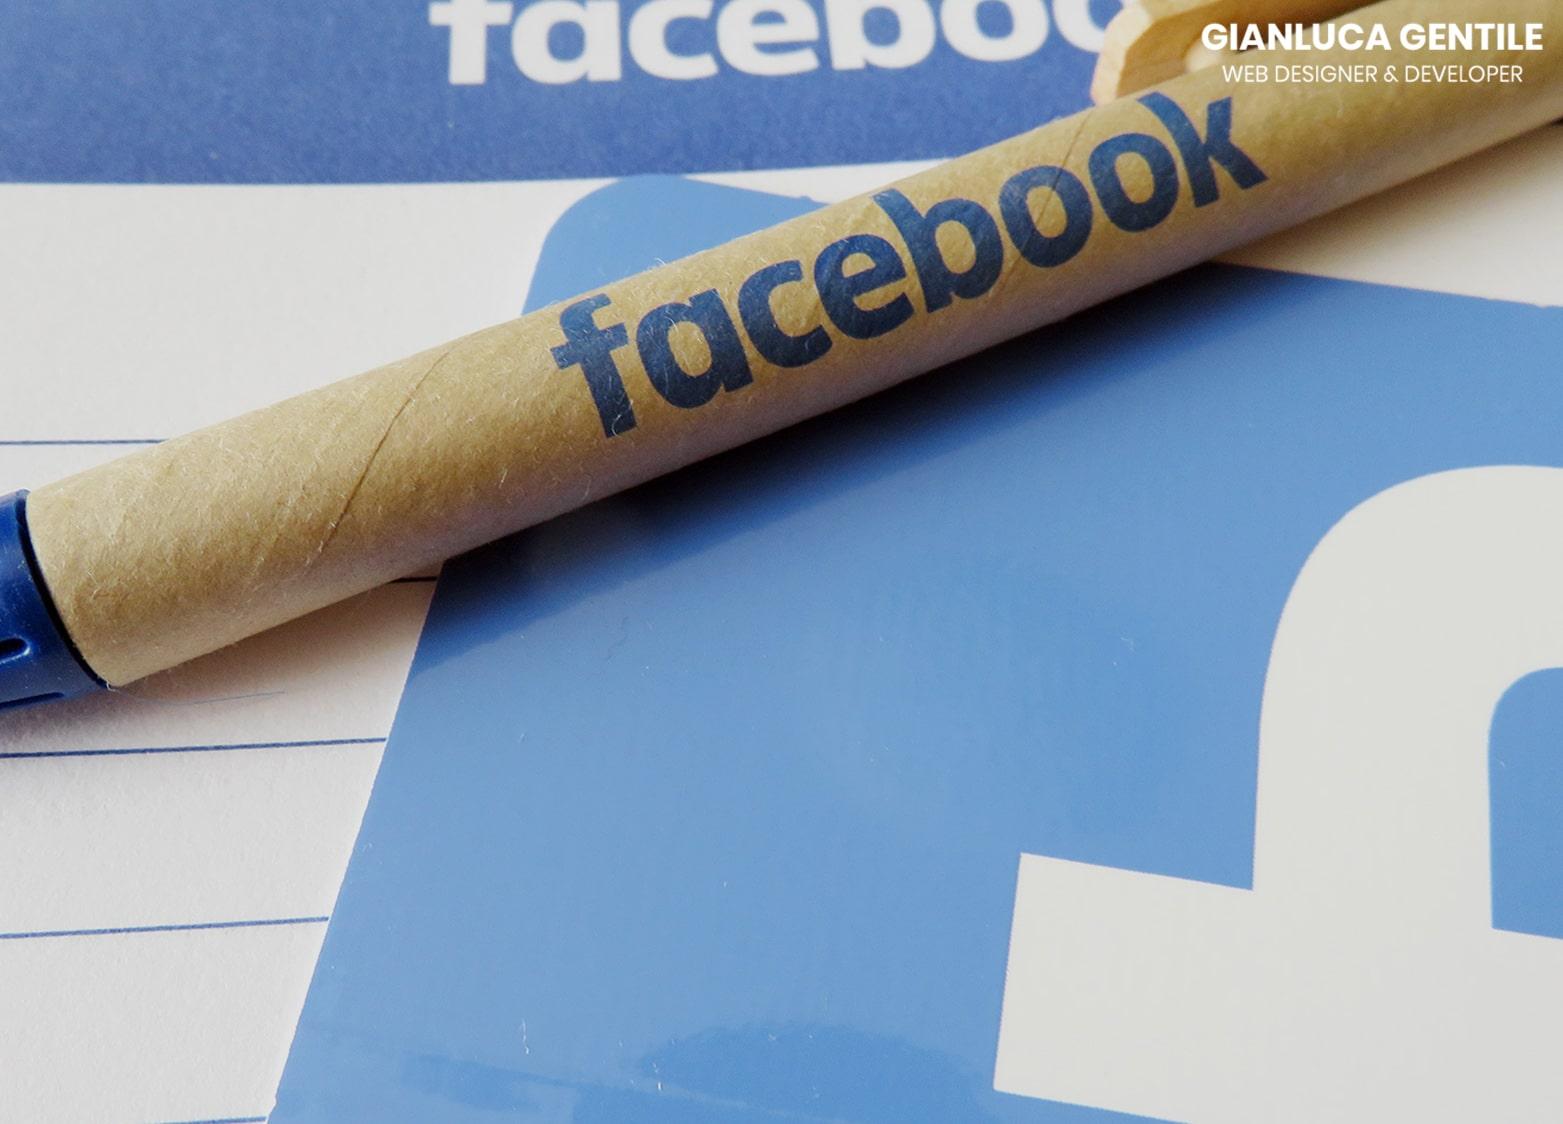 costi pubblicità facebook - Costi pubblicit   Facebook budget competenza brand rivali - Costi pubblicità Facebook: budget, competenza, brand rivali